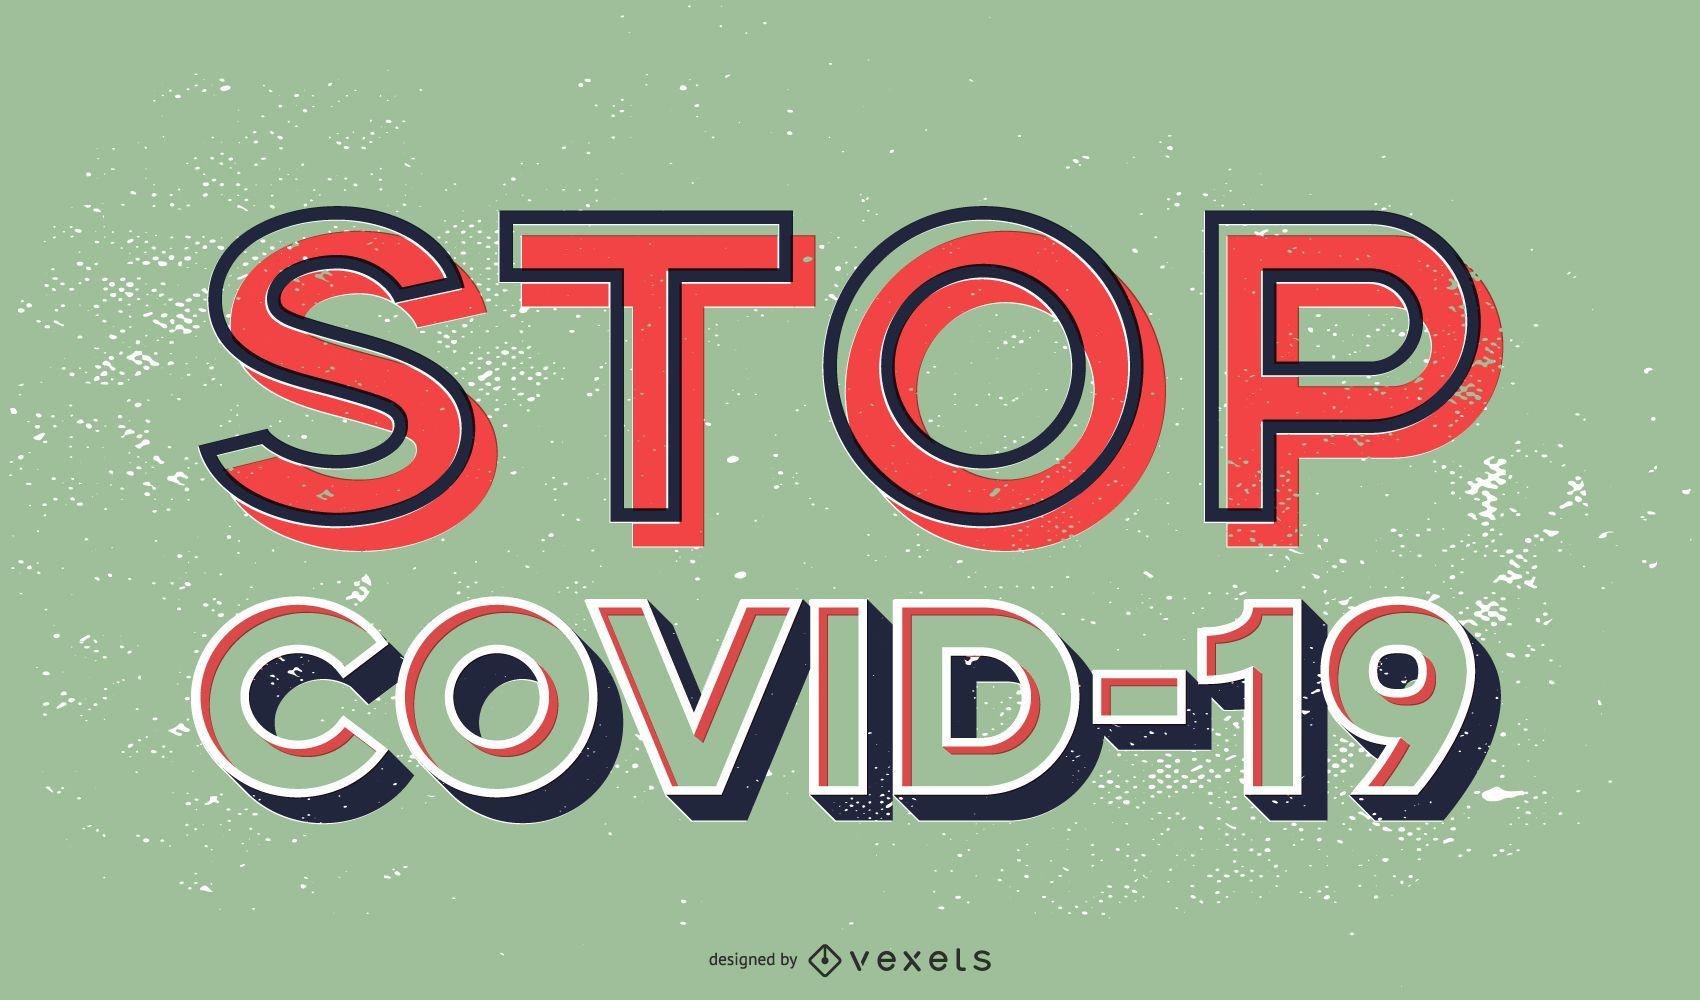 Detener el dise?o de letras covid-19